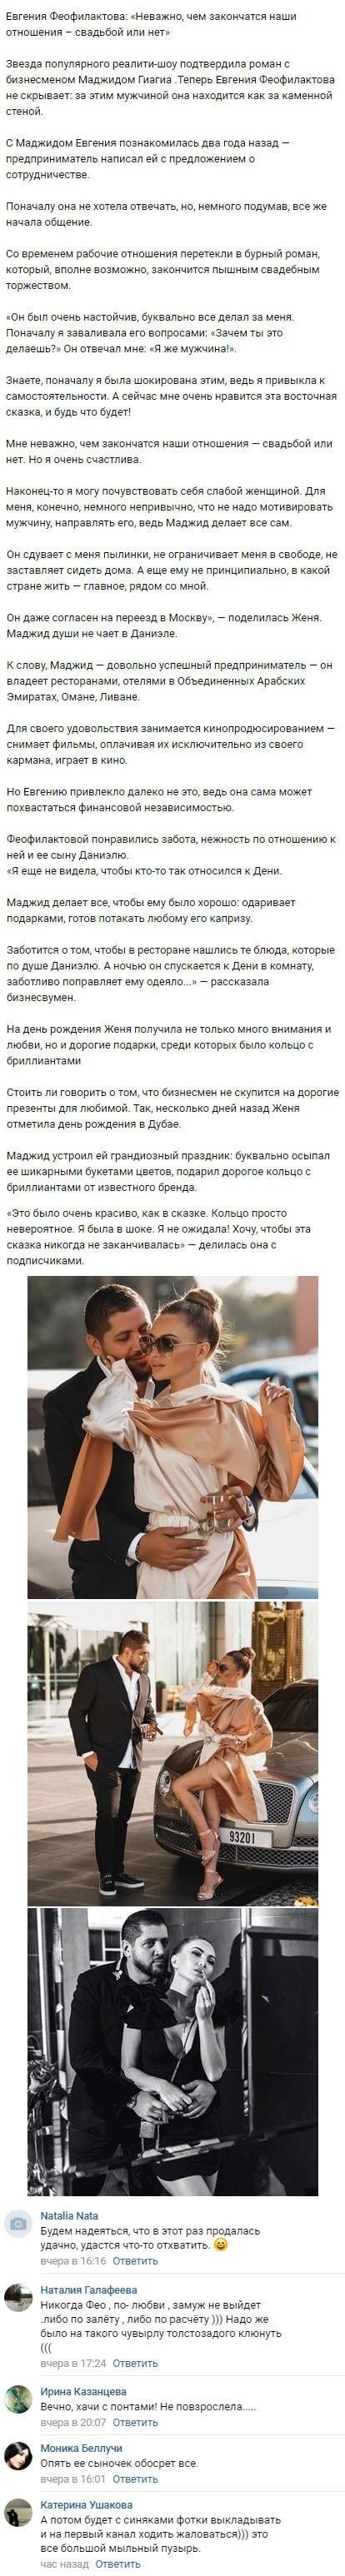 Евгения Феофилактова показала своего нового богатого возлюбленного